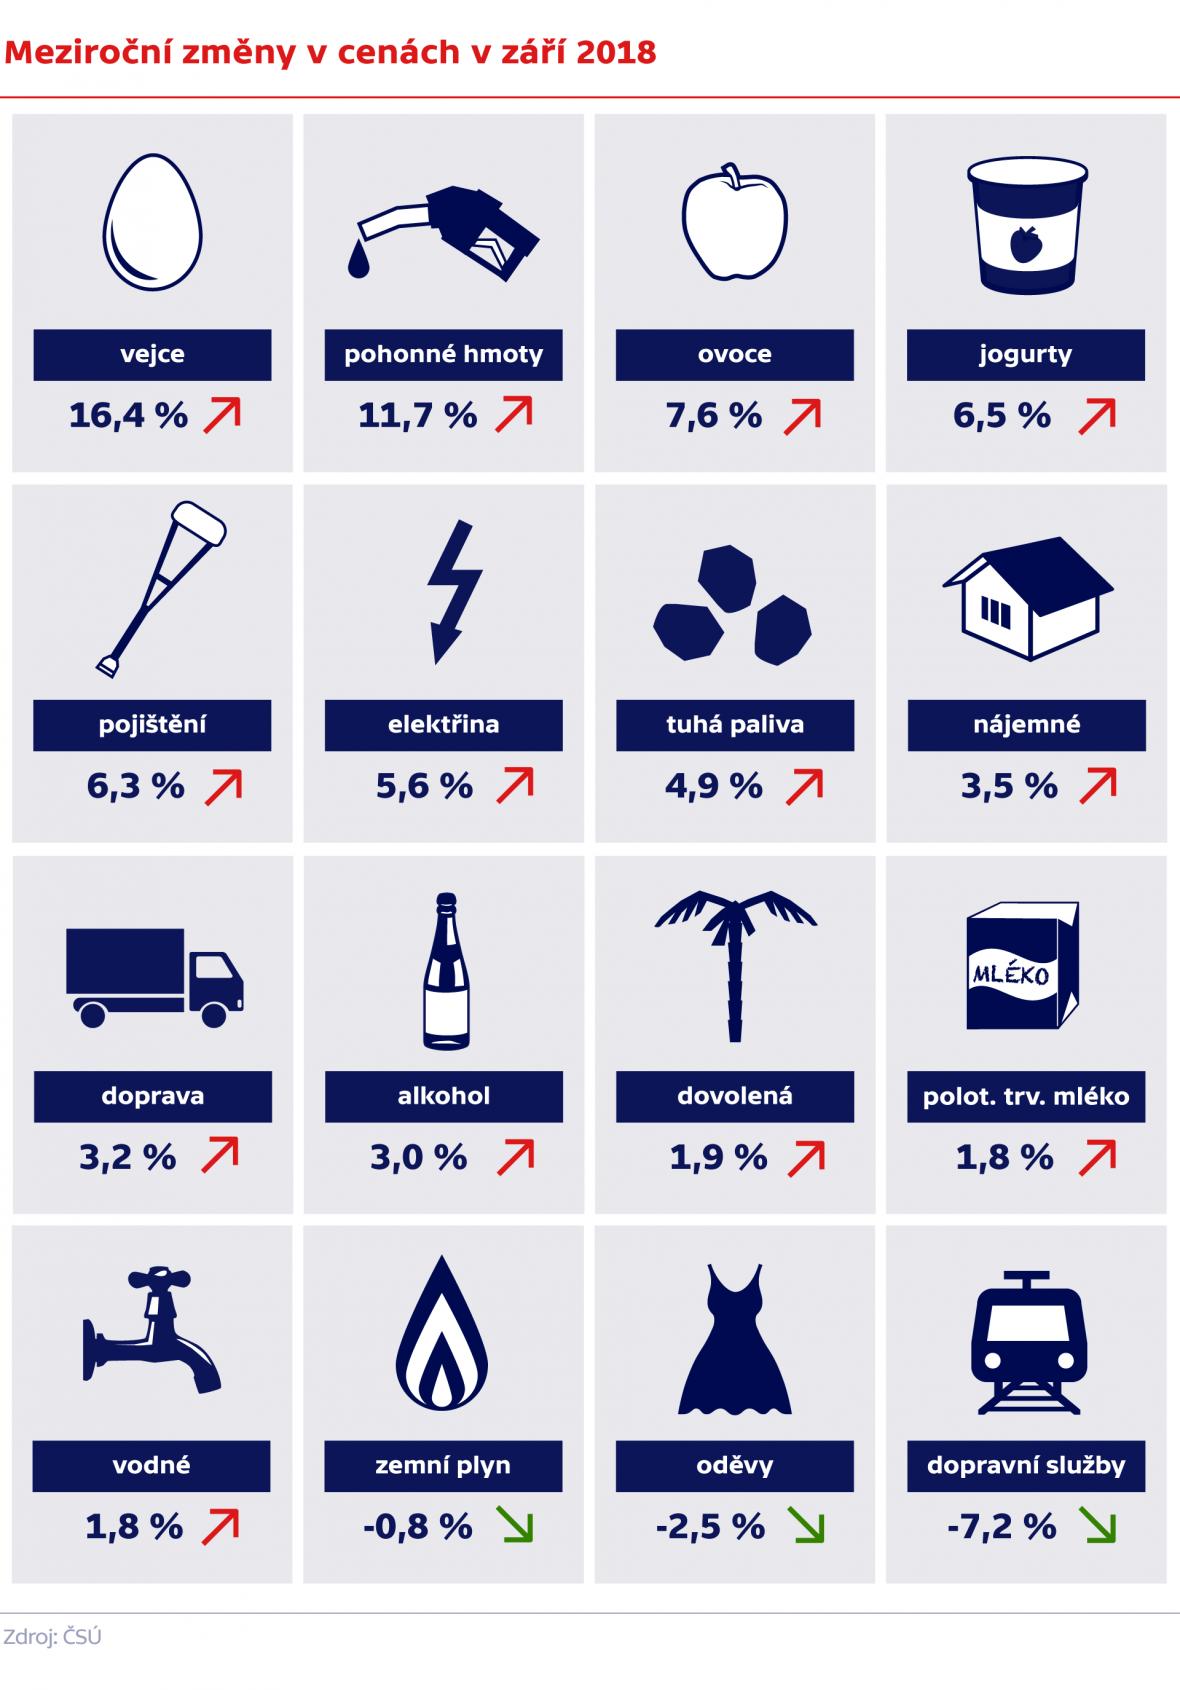 Meziroční změny v cenách v září 2018